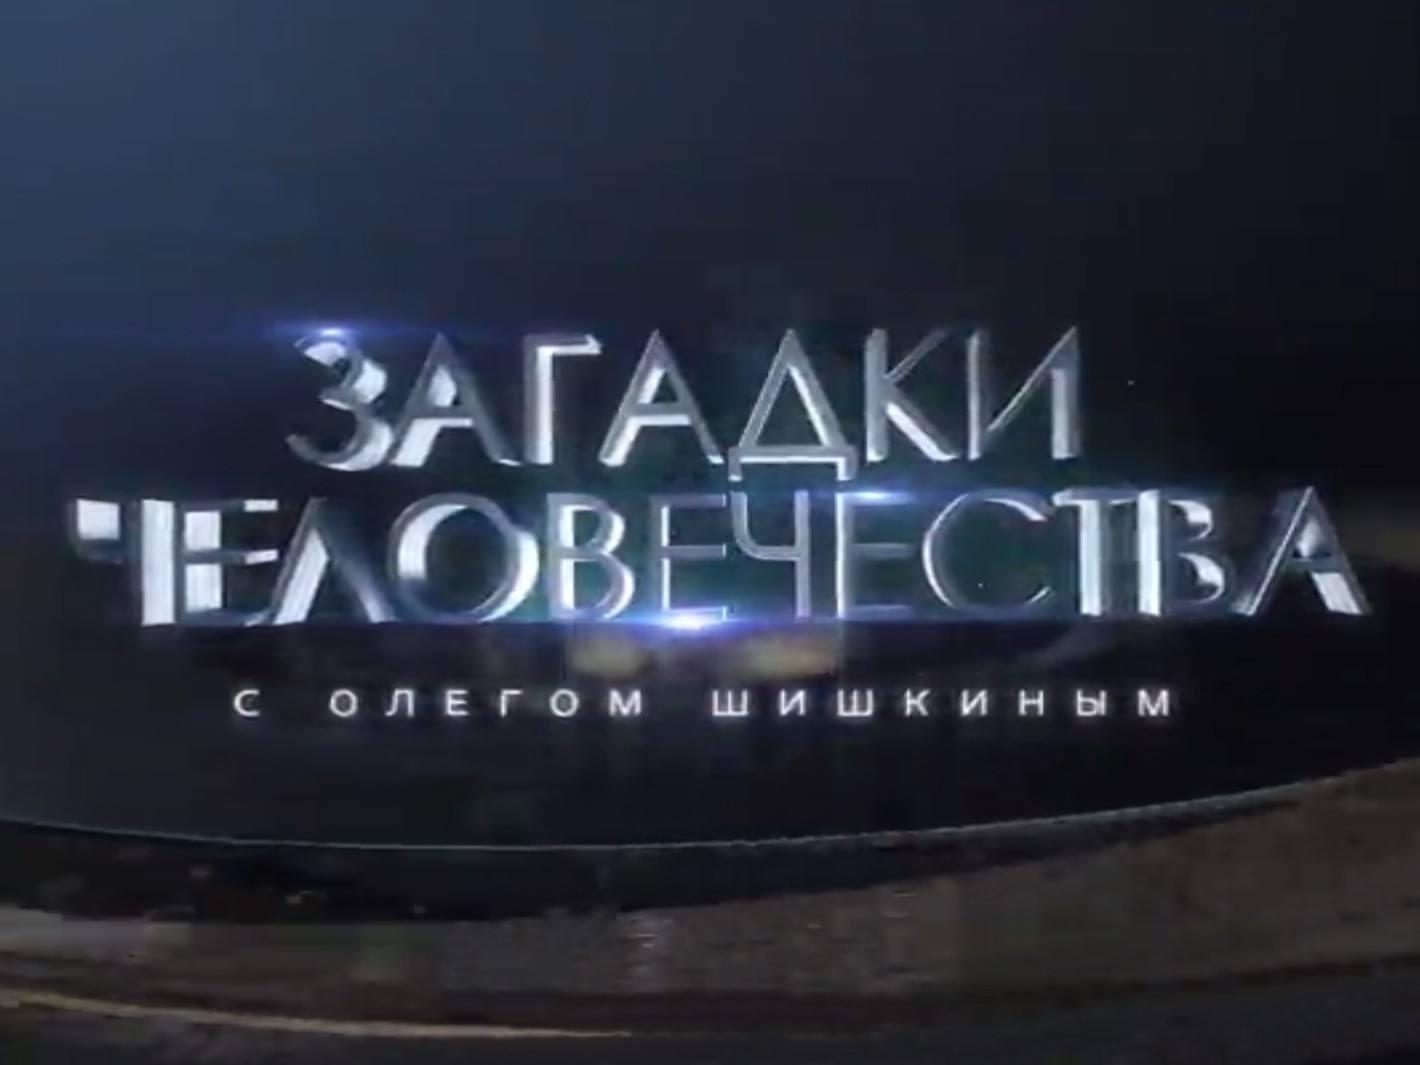 Загадки человечества с Олегом Шишкиным 461 серия в 13:00 на канале РЕН ТВ